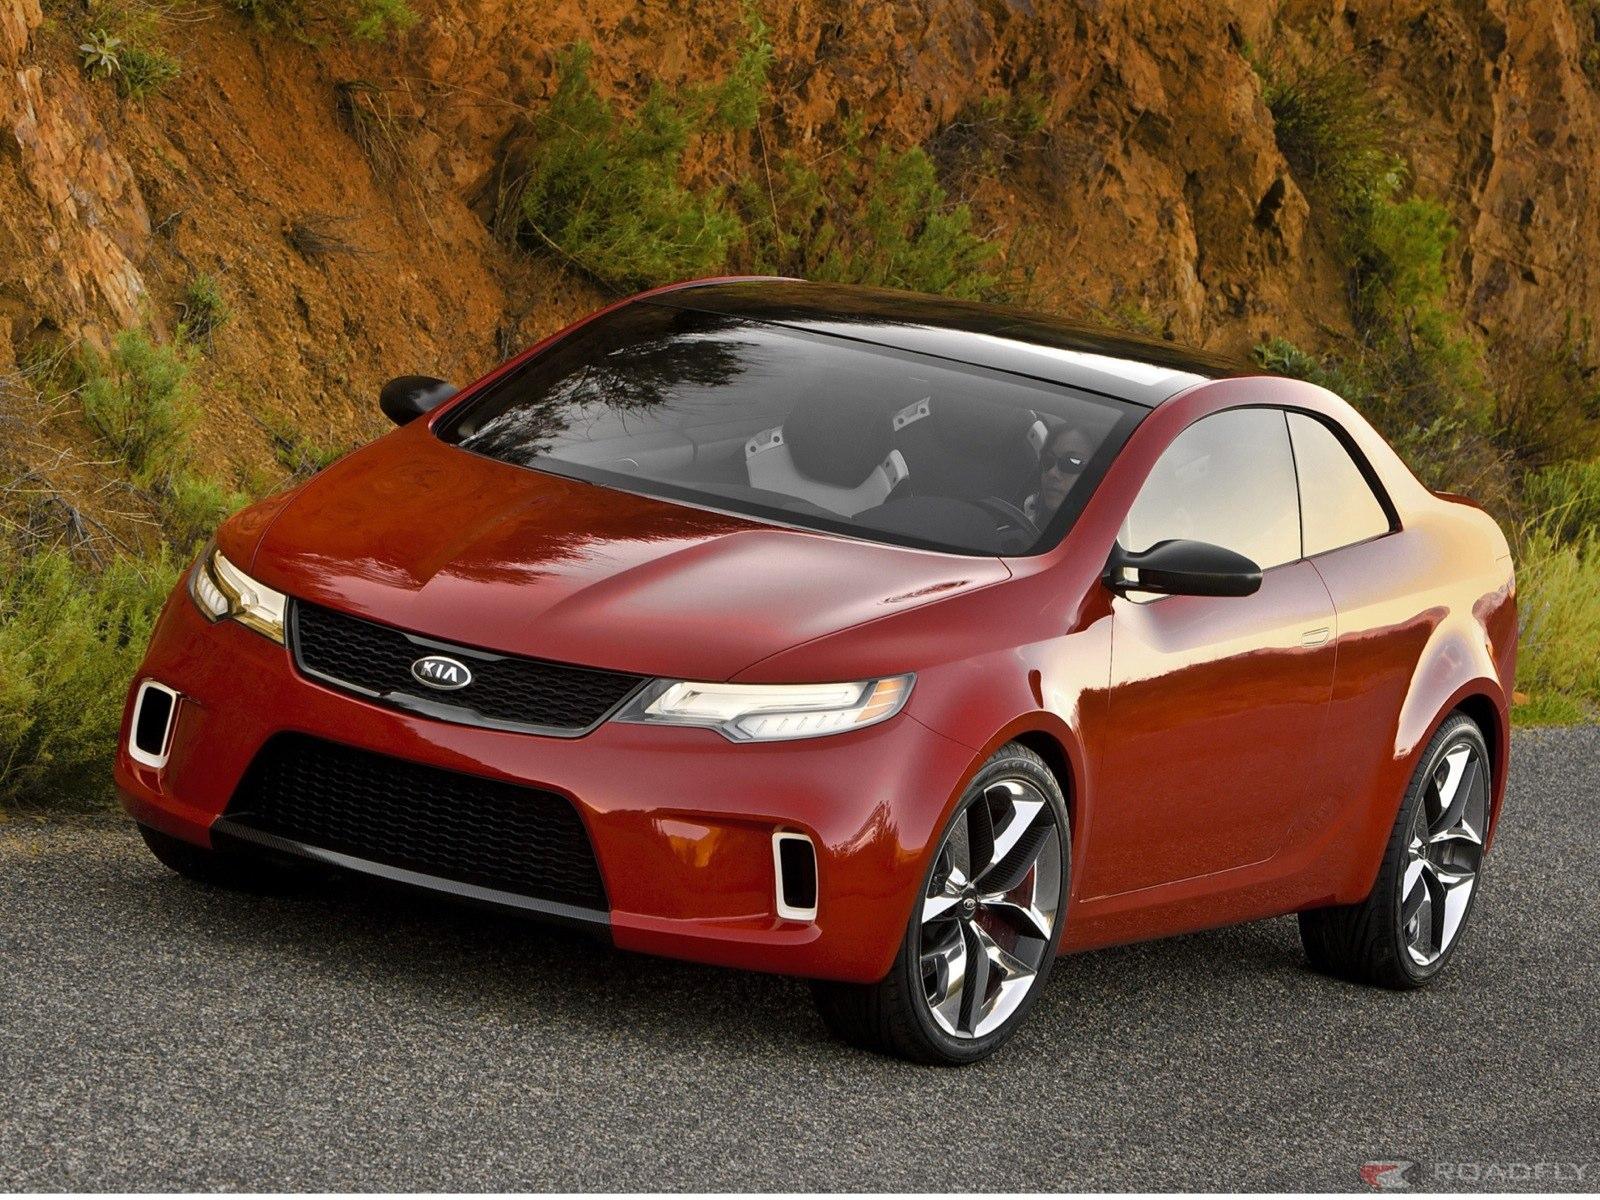 Cool Car Wallpapers: Kia Motors 2013